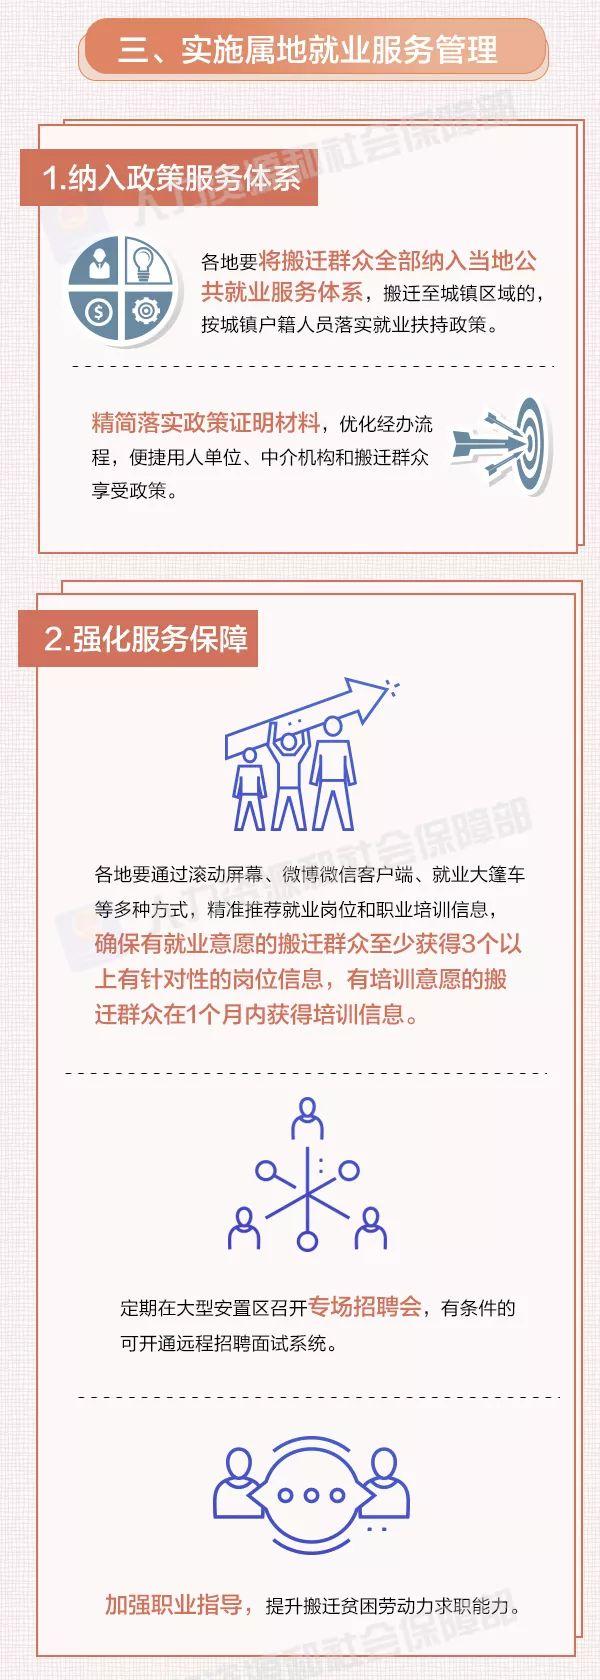 【扶贫参考】一图看懂 易地扶贫搬迁就业帮扶工作如何